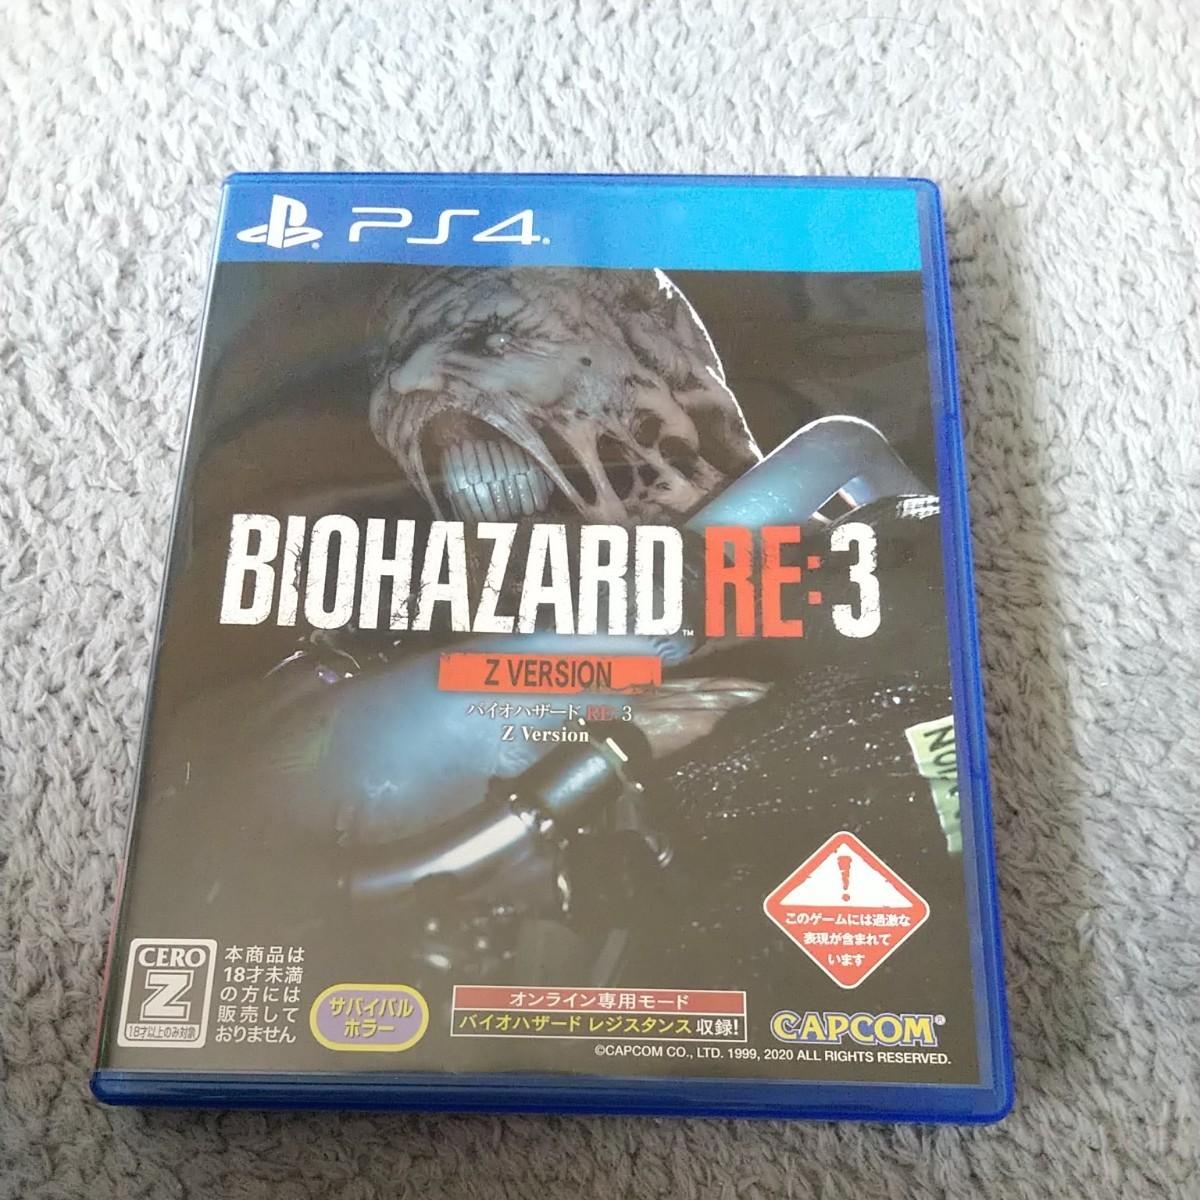 【PS4】 BIOHAZARD RE:3 Z Version [通常版]